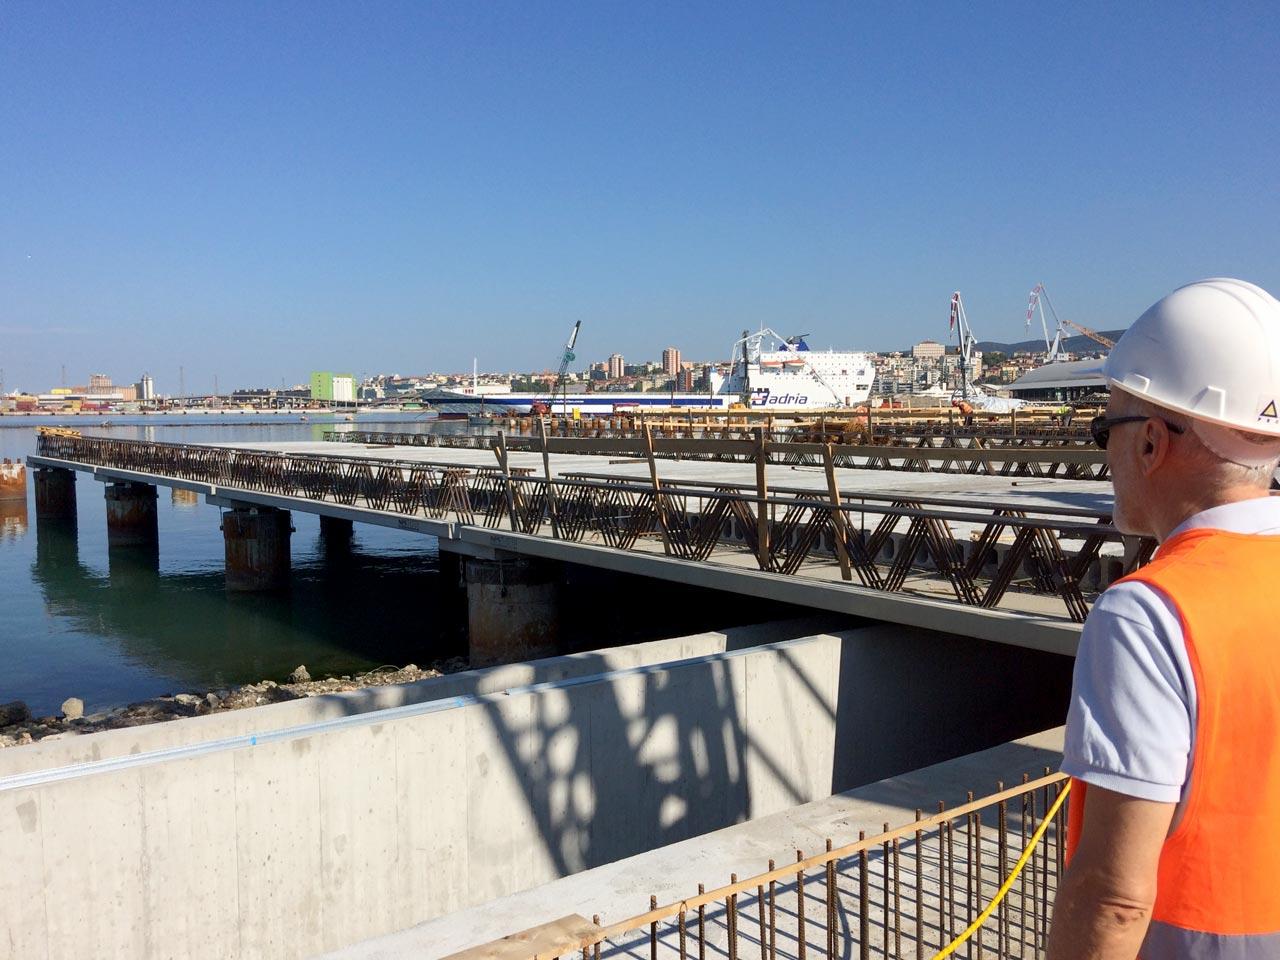 Lavori di realizzazione della Piattaforma logistica a Trieste